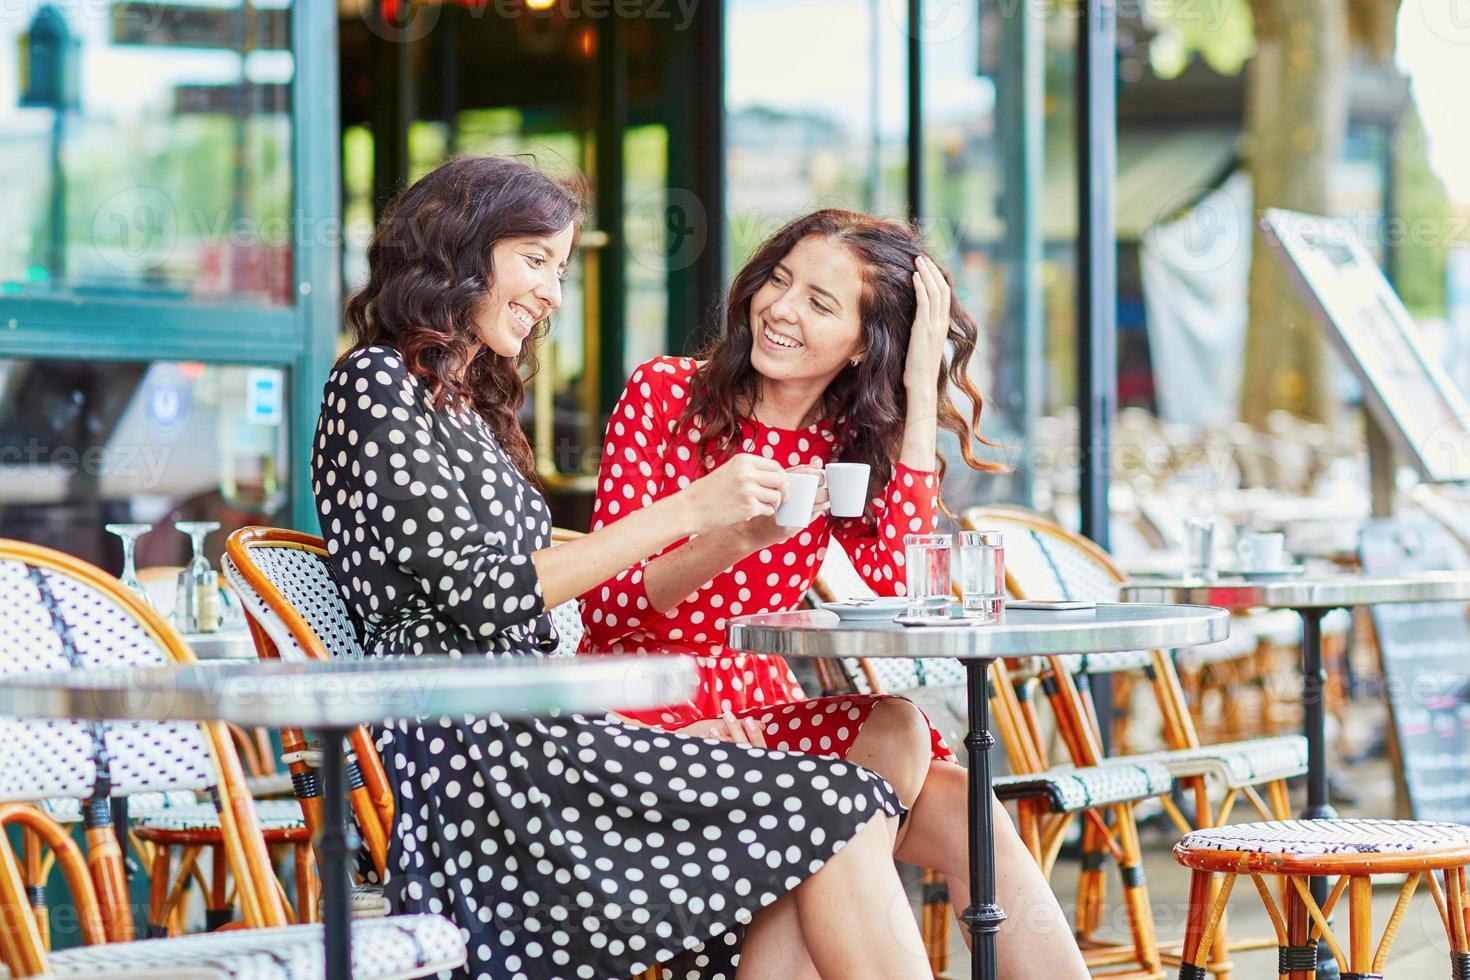 mooie tweelingzusjes koffie drinken foto